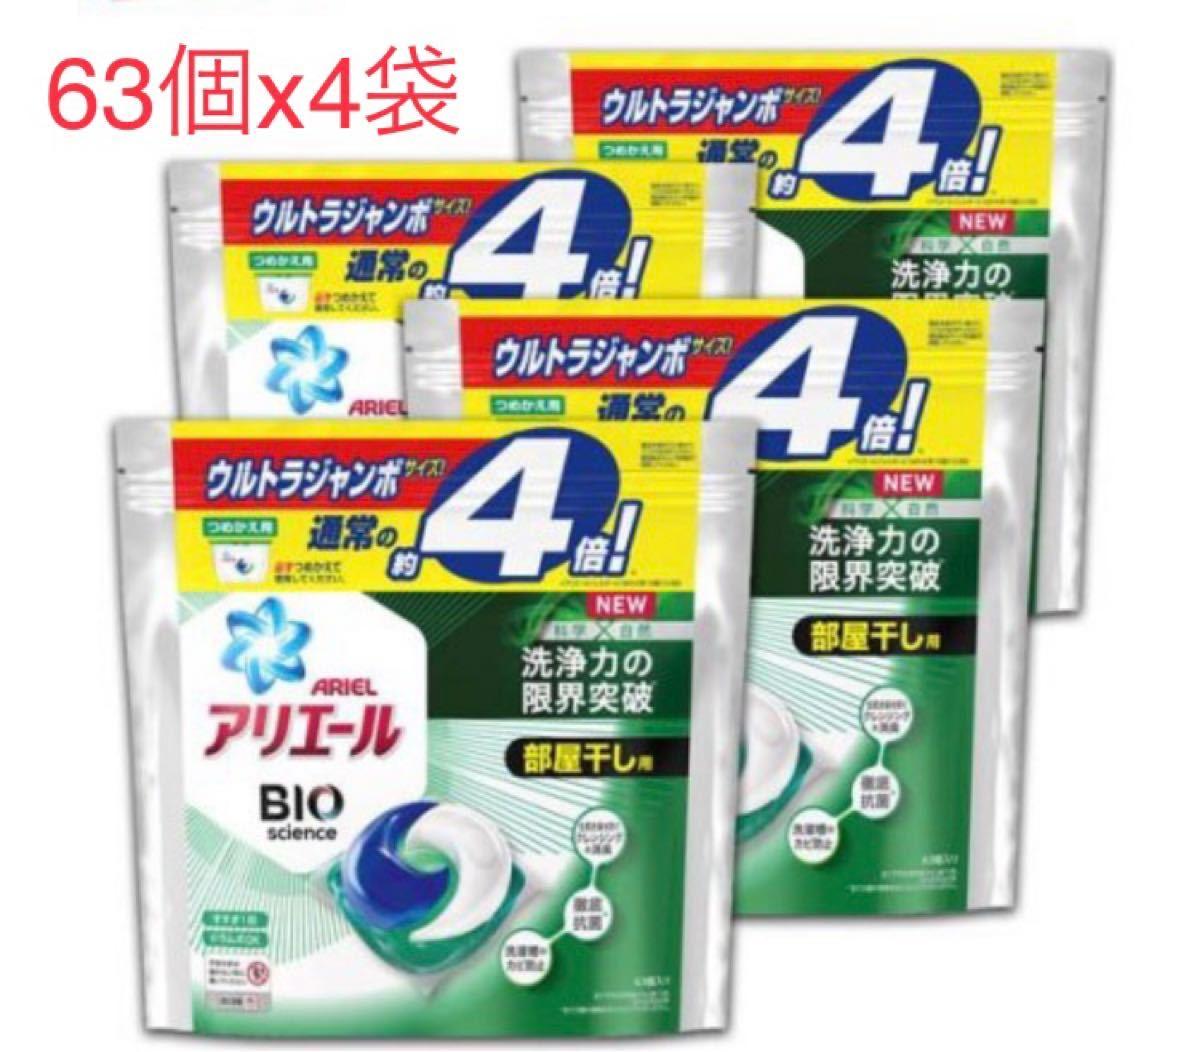 アリエールBIOジェルボール部屋干し用 つめかえ超ジャンボサイズ 洗濯洗剤(63個入*4袋セット)